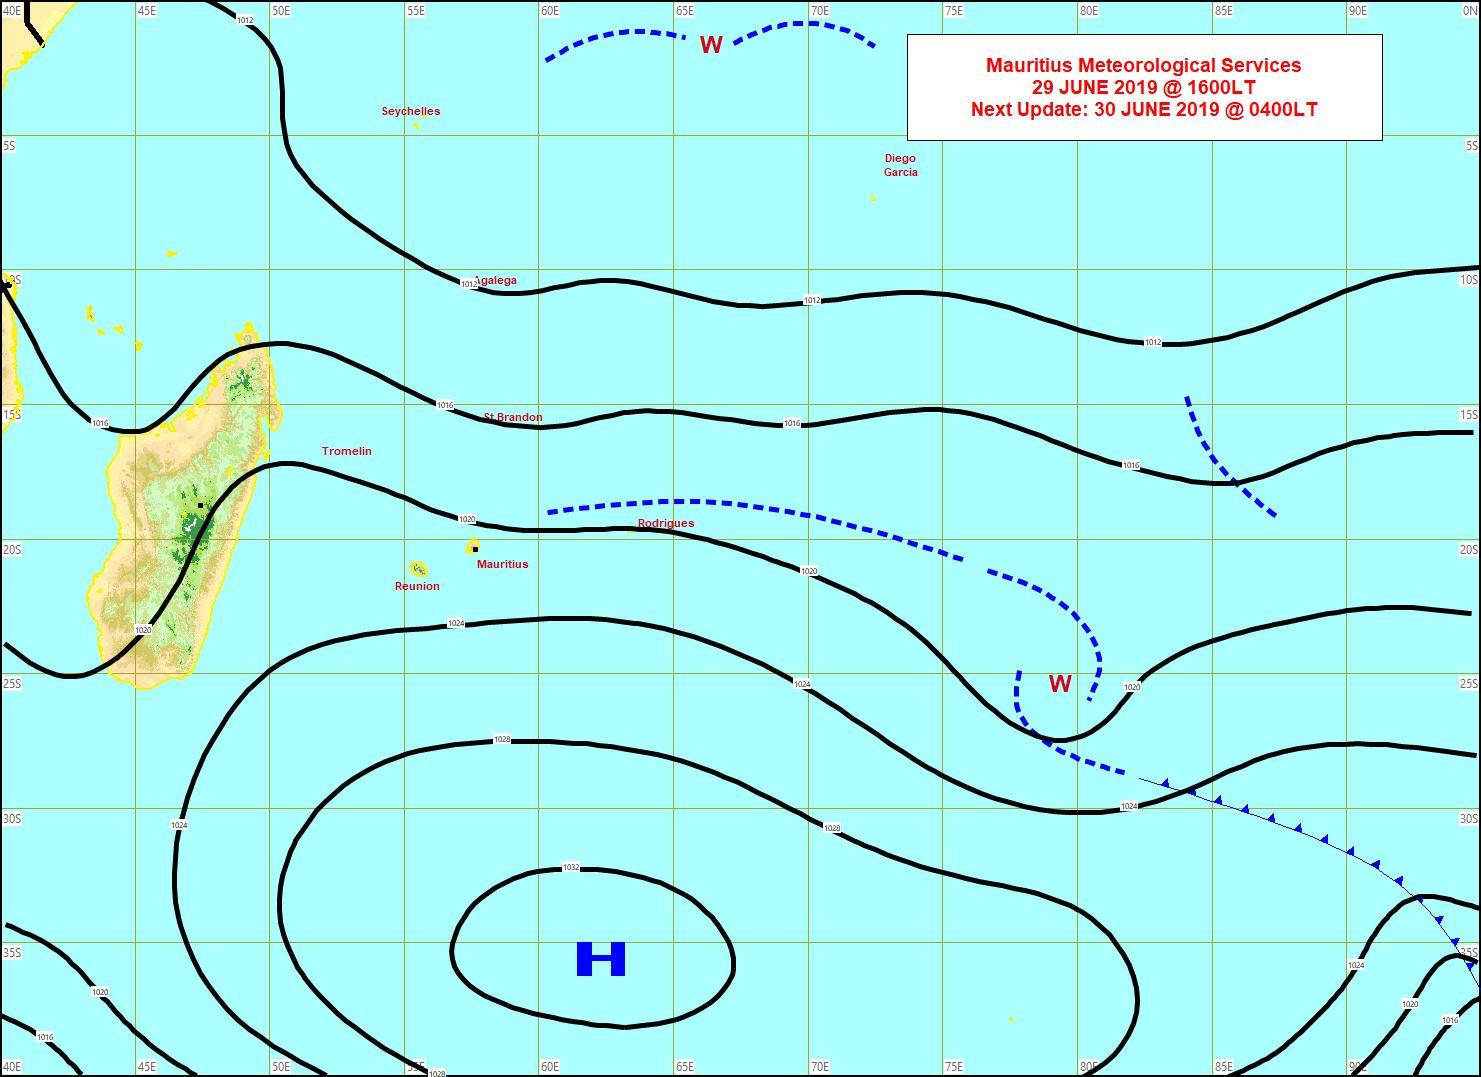 Analyse de surface cet après midi. L'anticyclone(1033hpa) est encore bien ancré au Sud-Sud-Est des Iles Soeurs. L'alizé reste soutenu mais plutôt sec. MMS